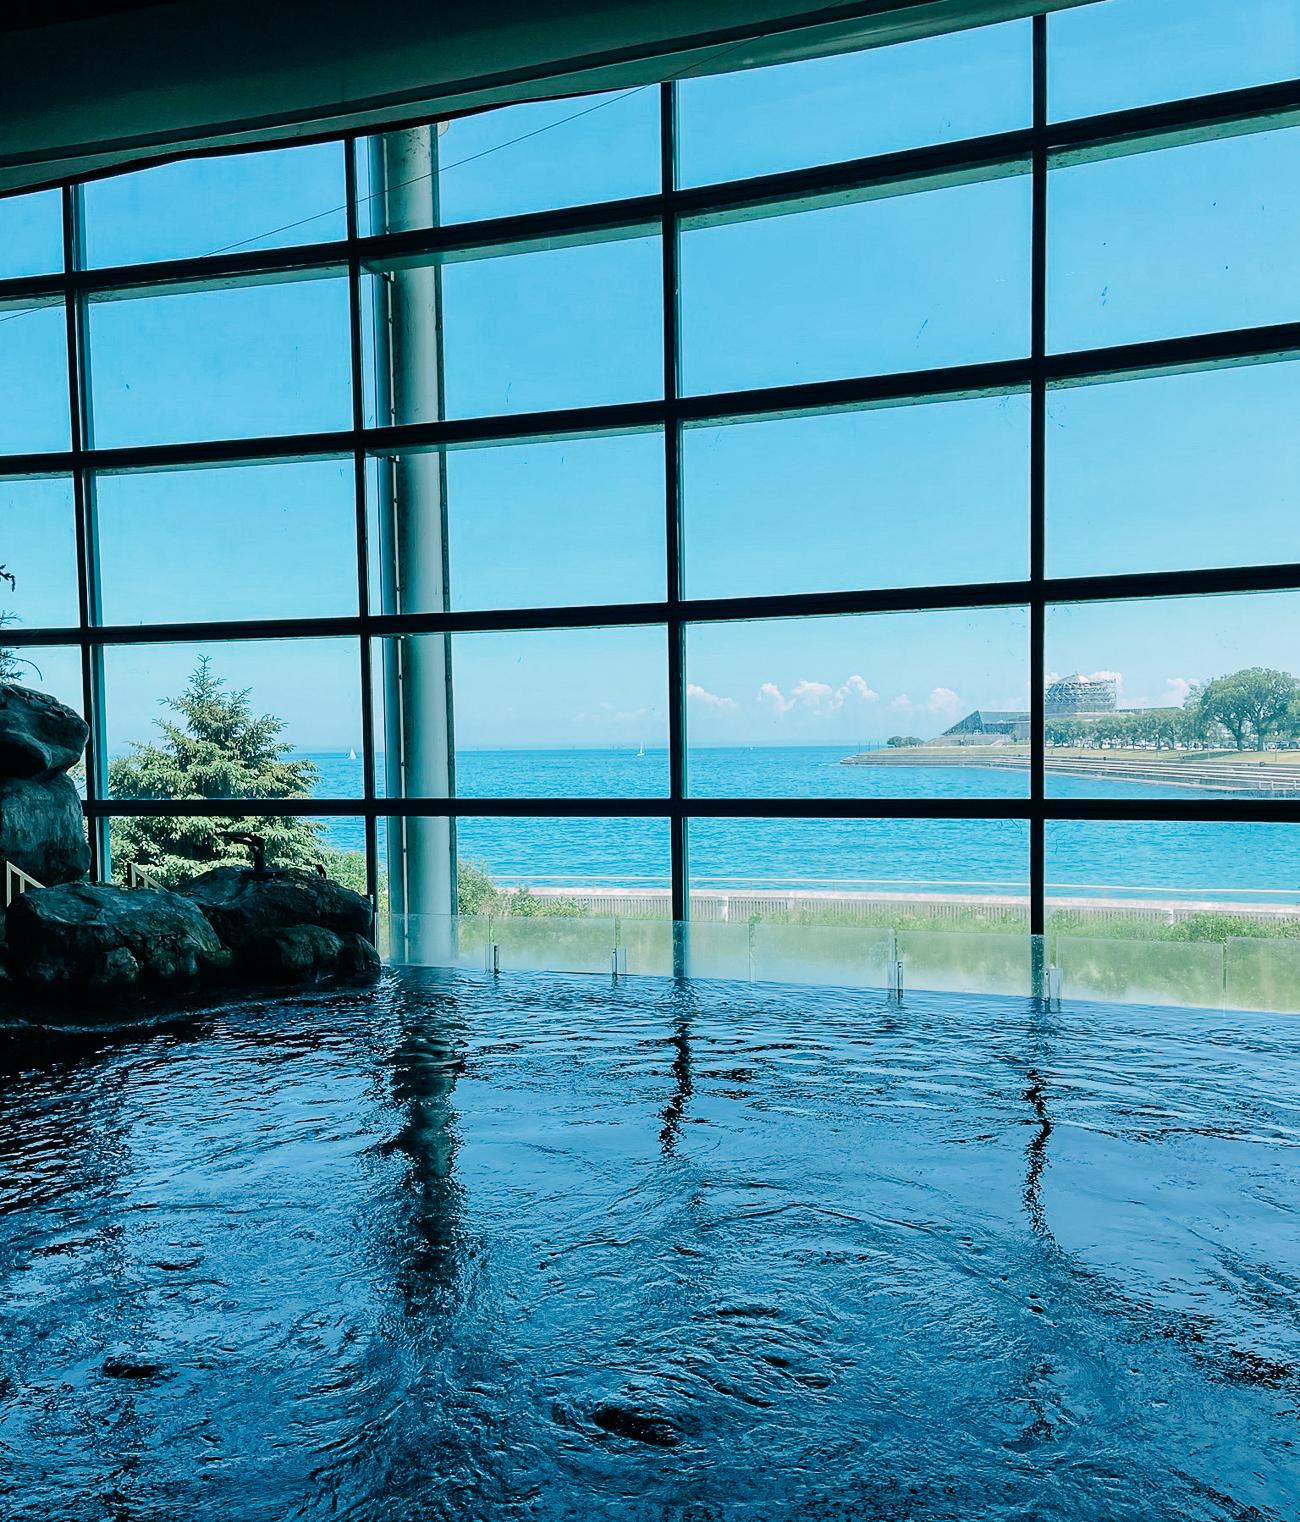 Interior of Shedd Aquarium